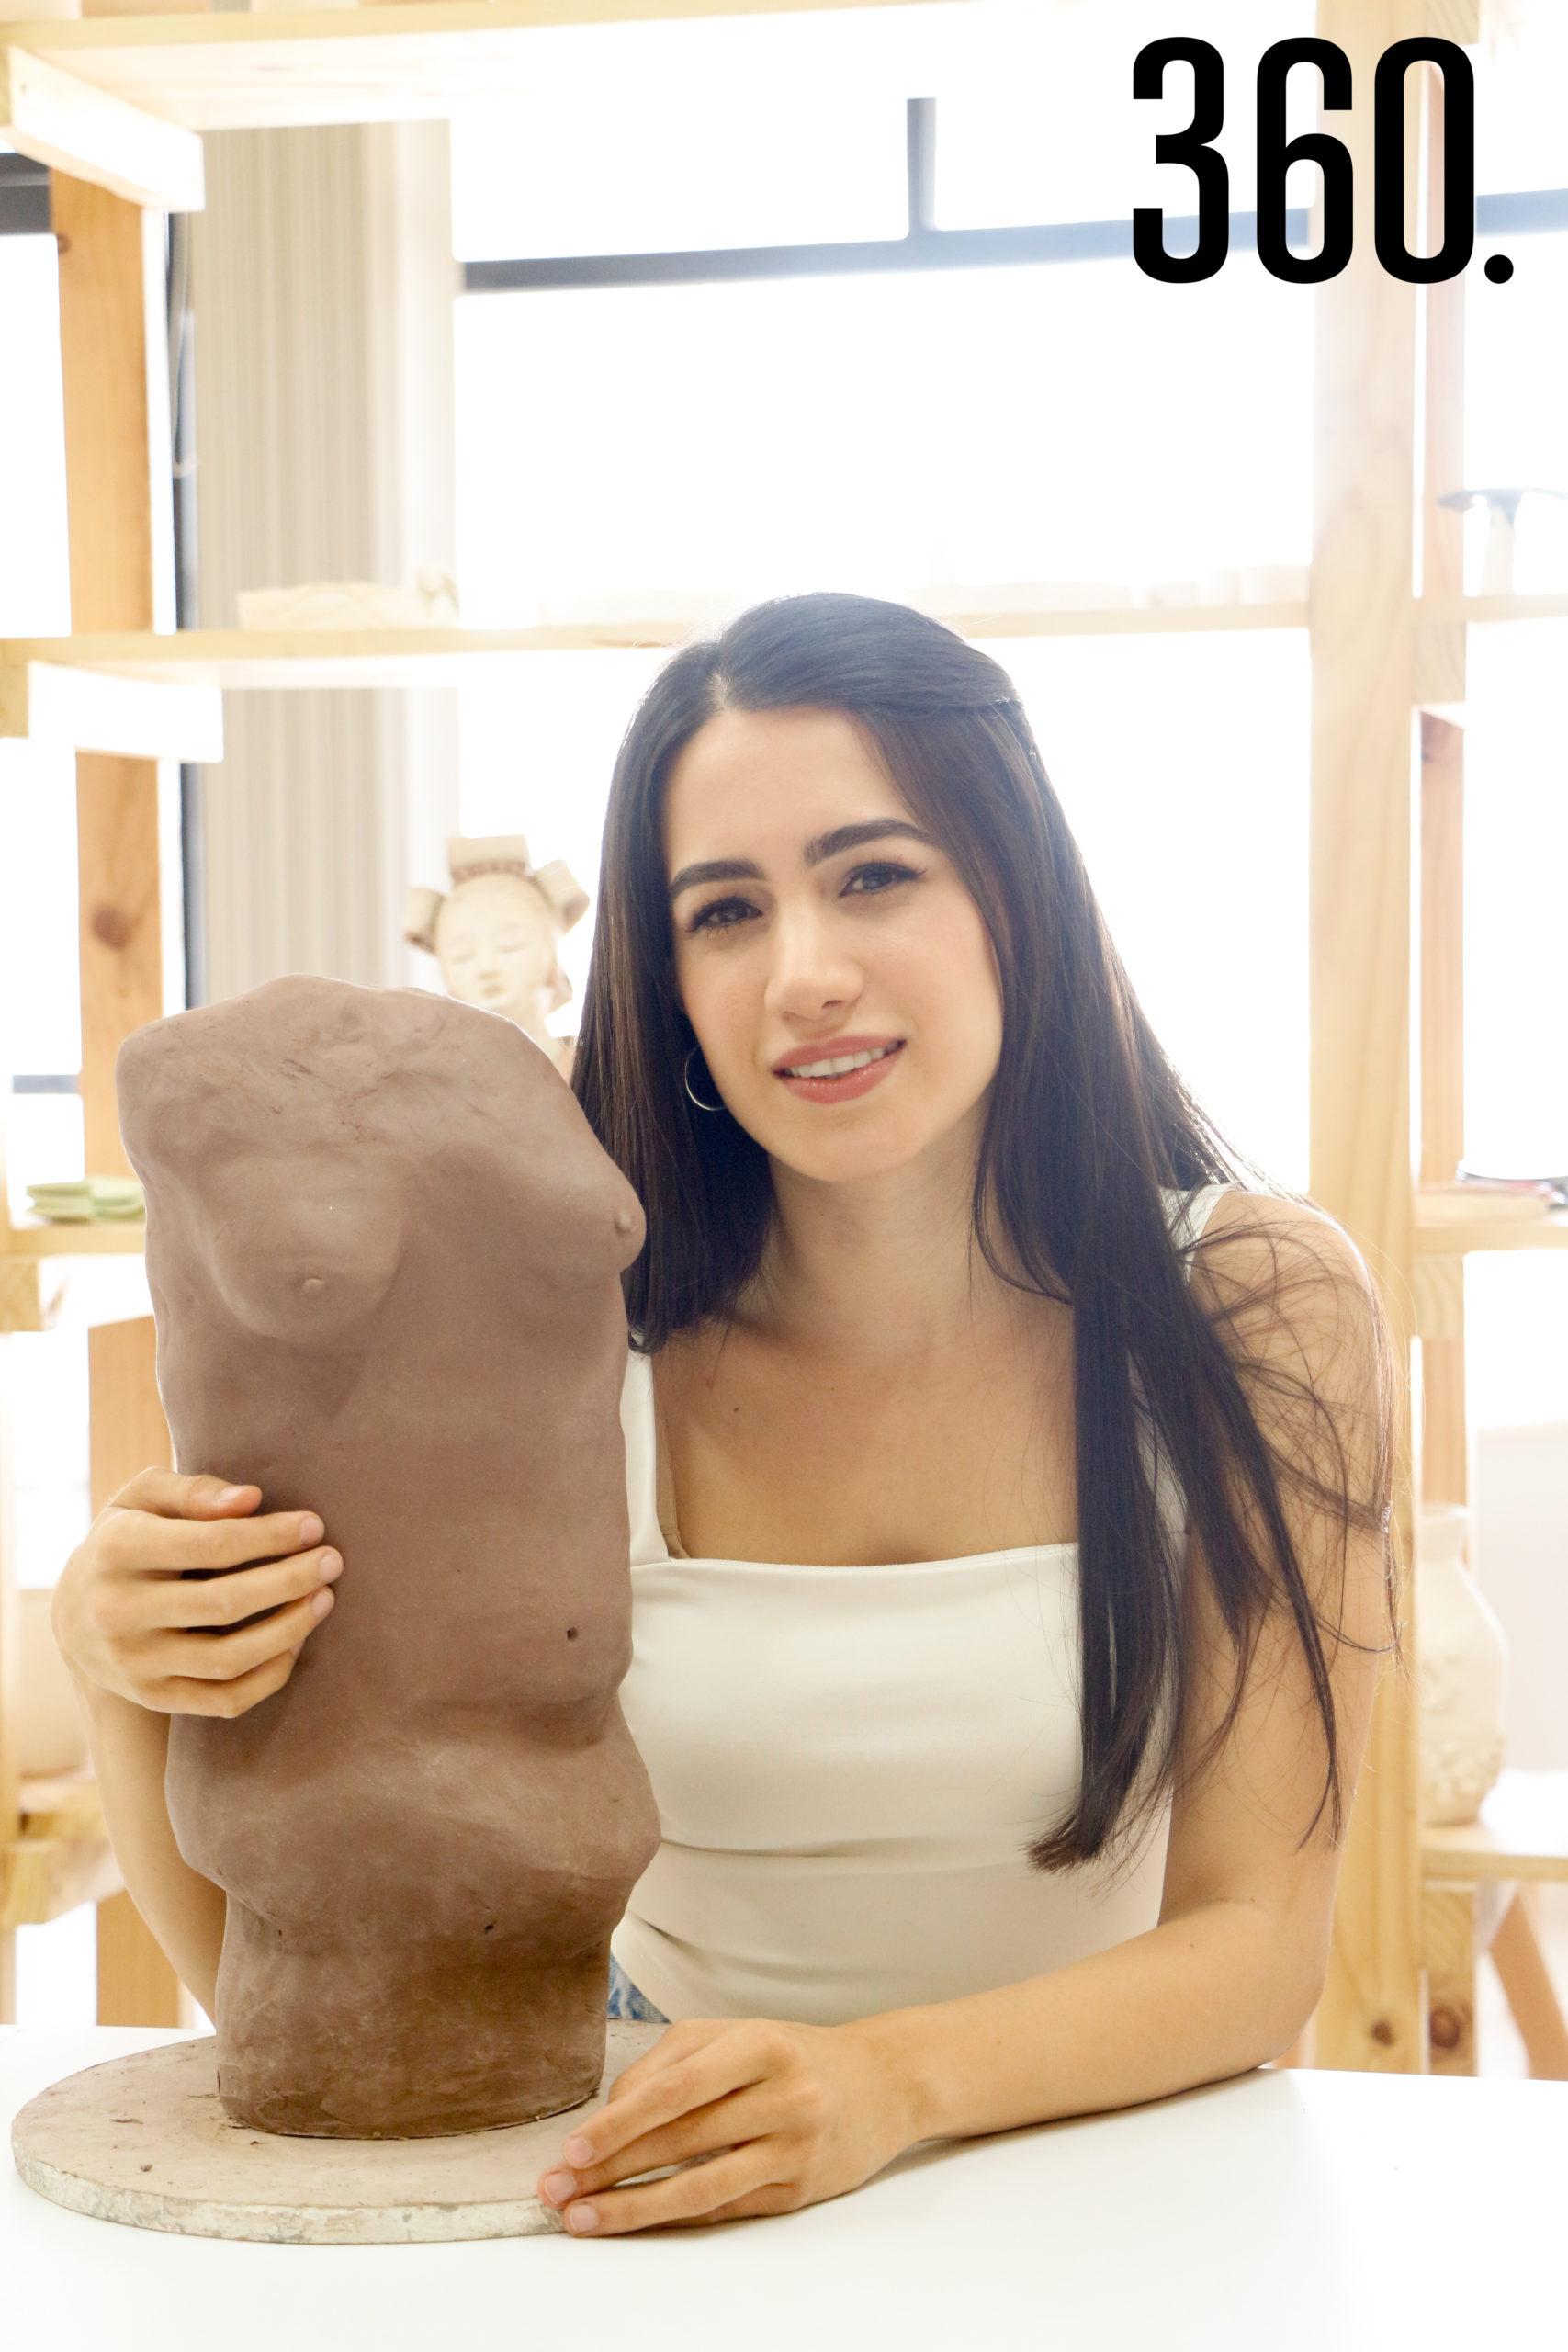 Actualmente trabaja en una serie de esculturas de cuerpos abstractos de mujeres.